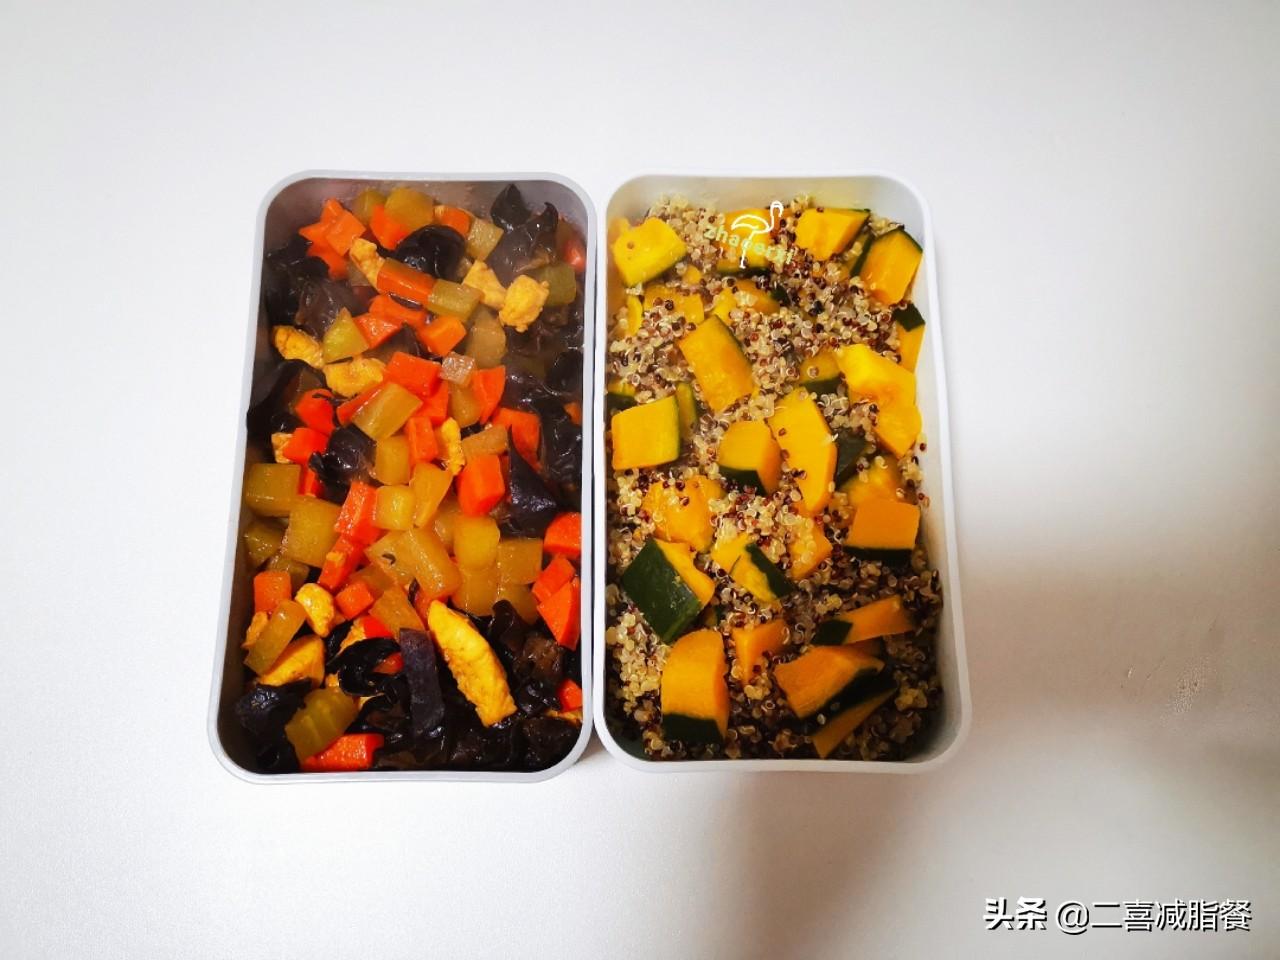 """减脂午餐68:藜麦南瓜饭,被称为""""黄金食物""""的藜麦好在哪里? 减肥菜谱做法 第2张"""